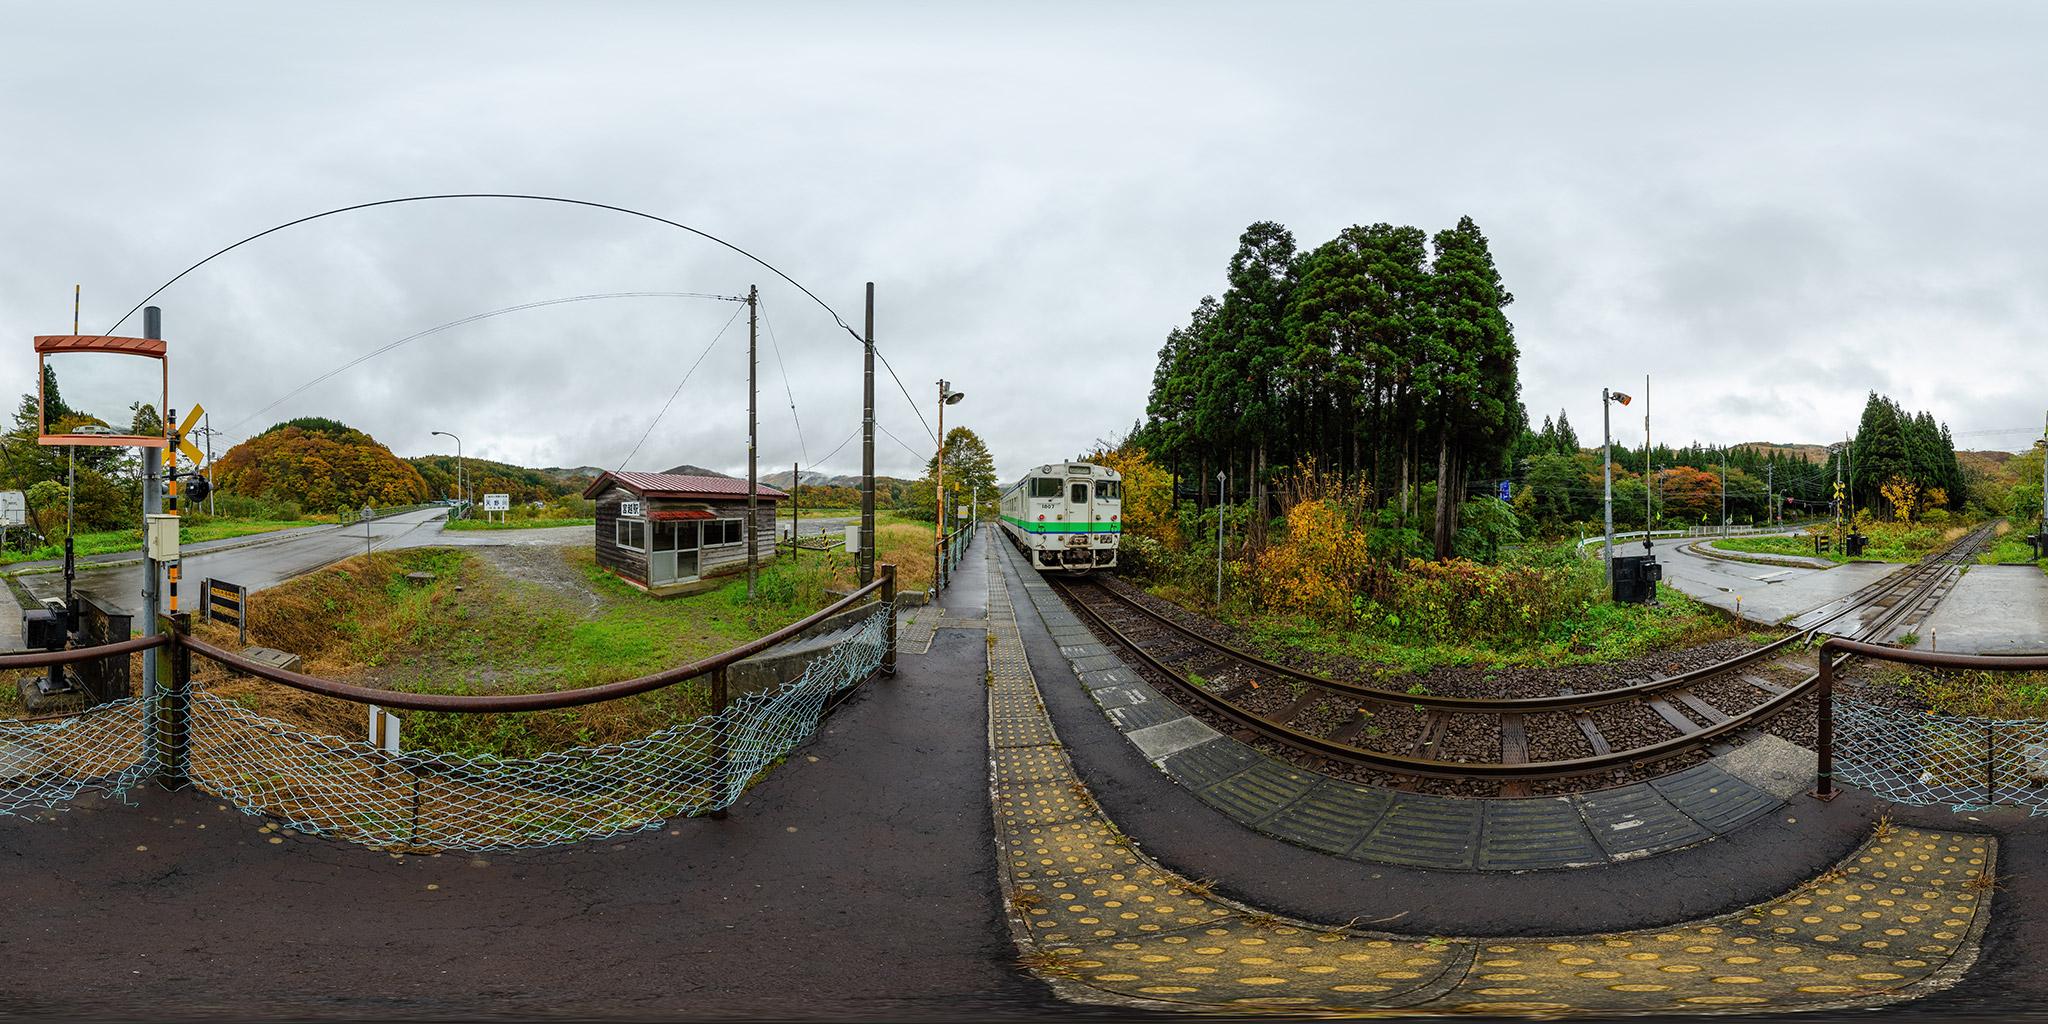 宮越駅に停車中のキハ40 1807(120D)